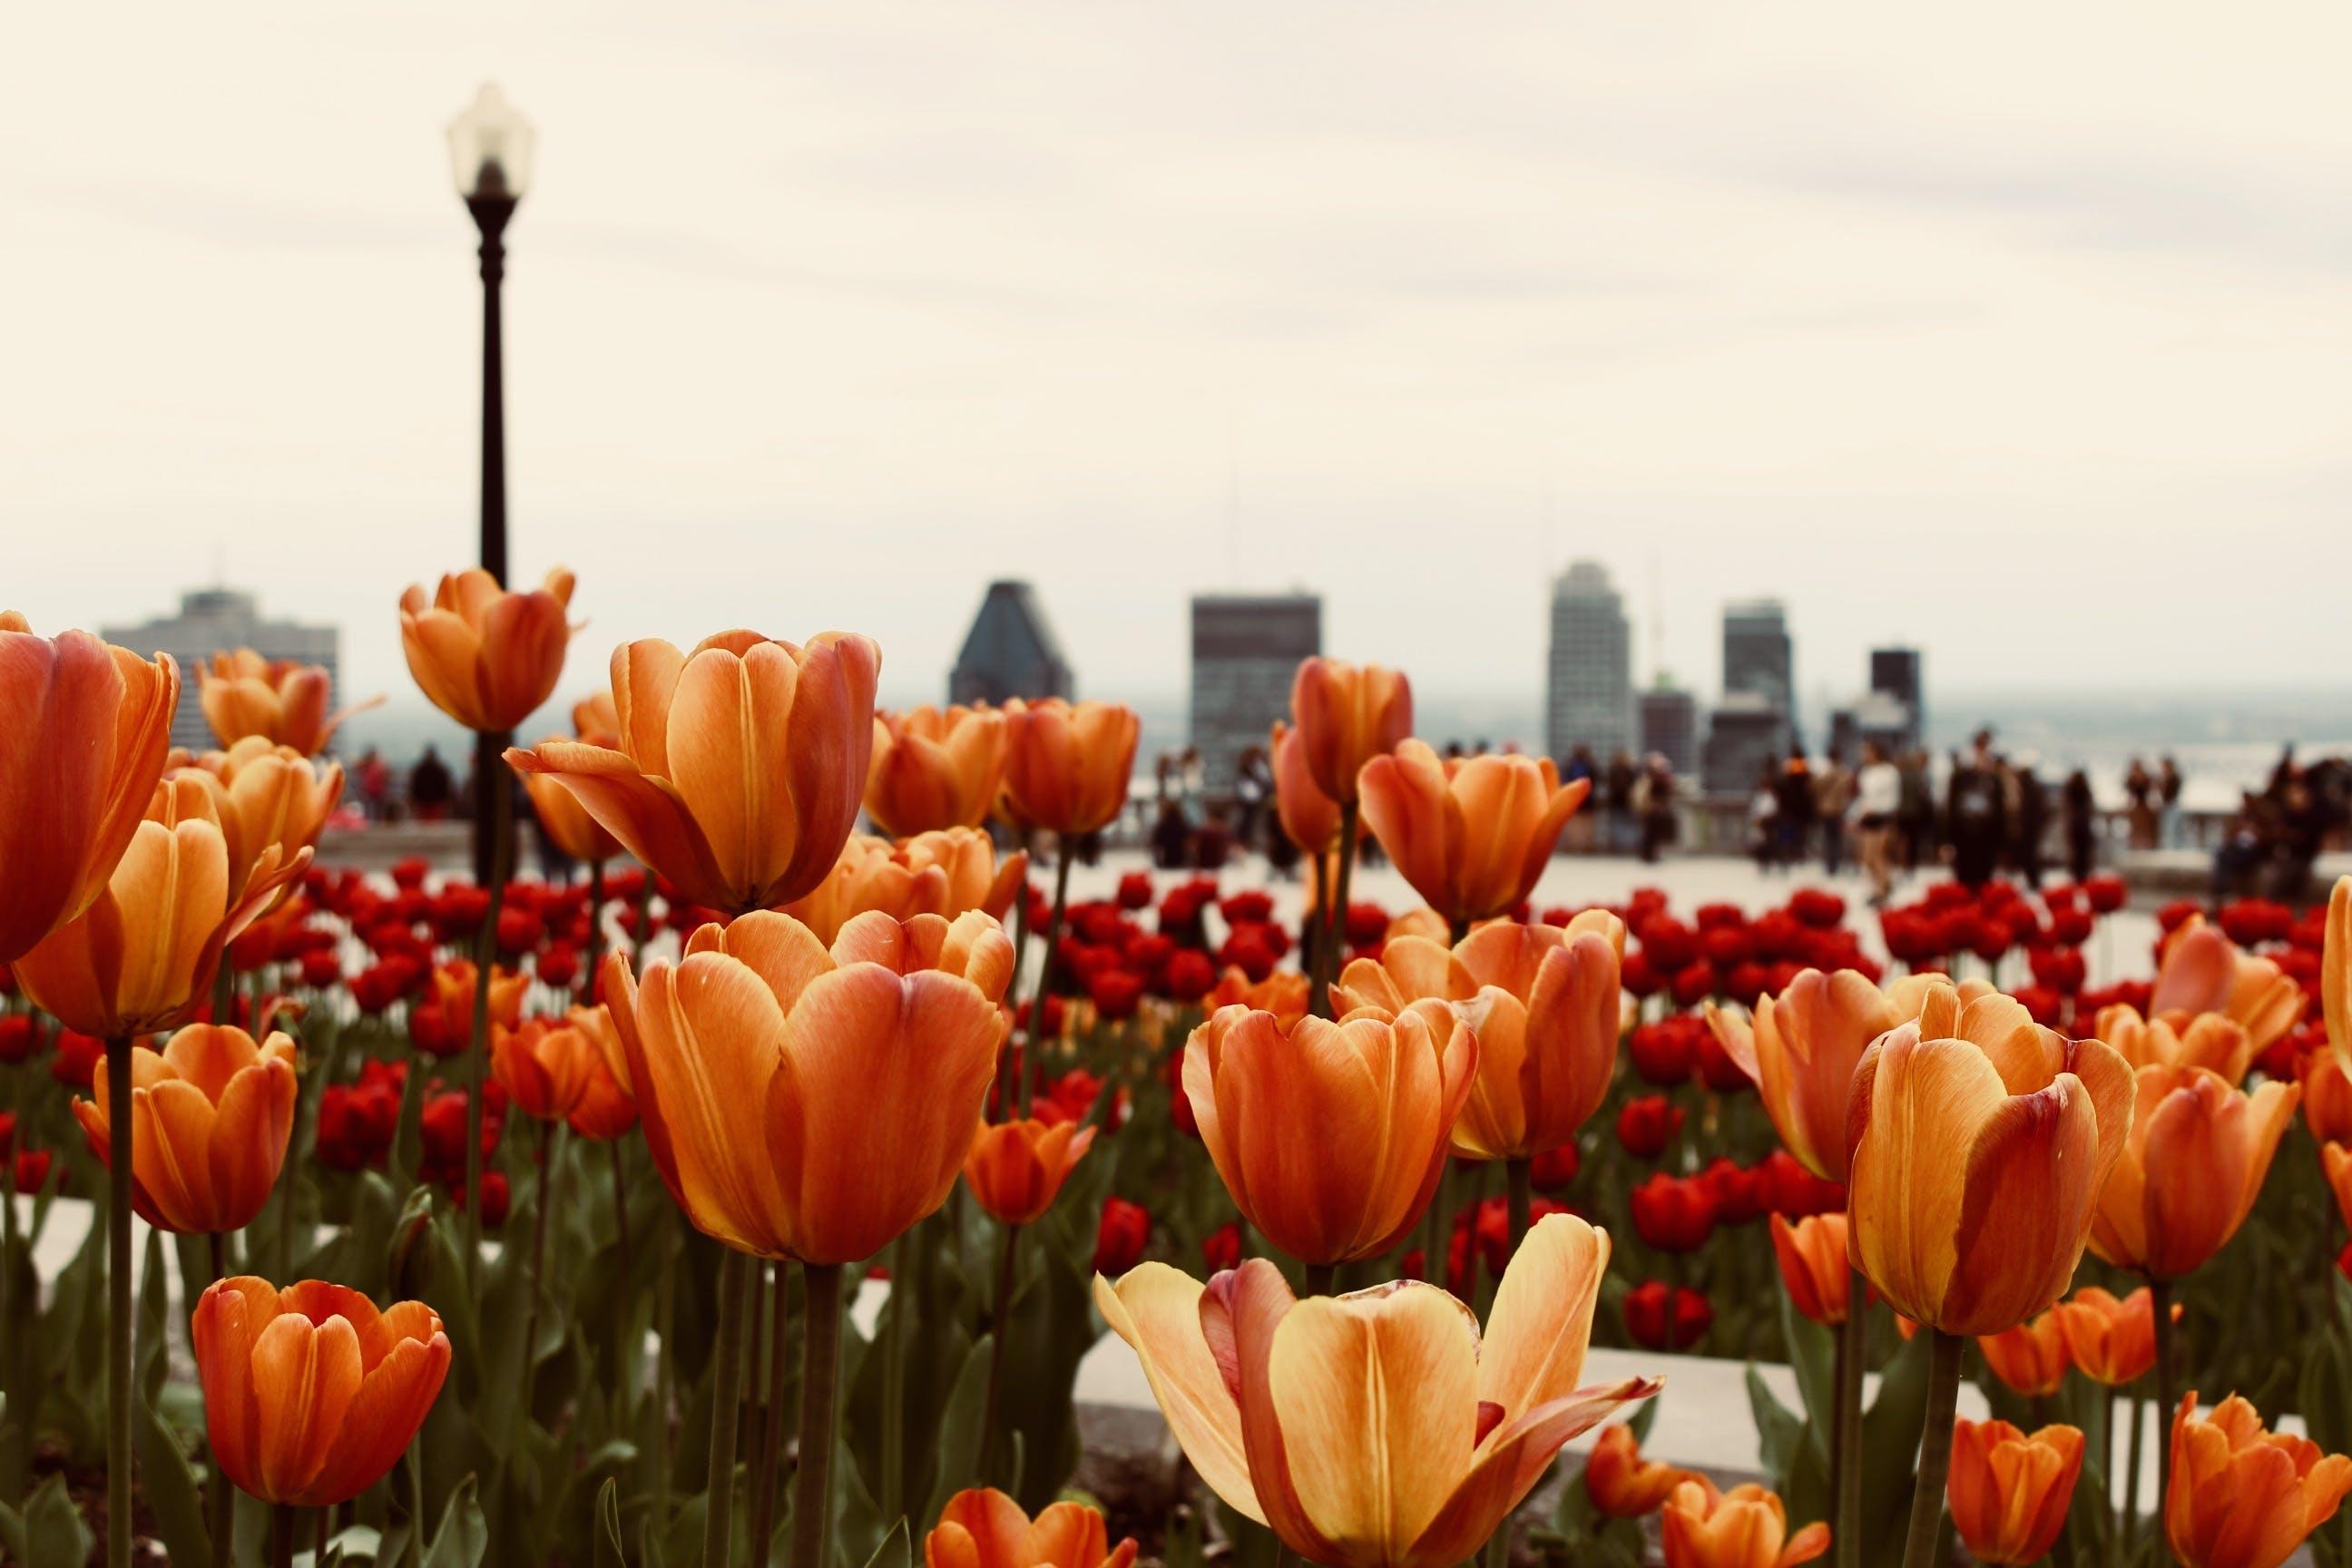 Close-Up Photo of Orange Tulips